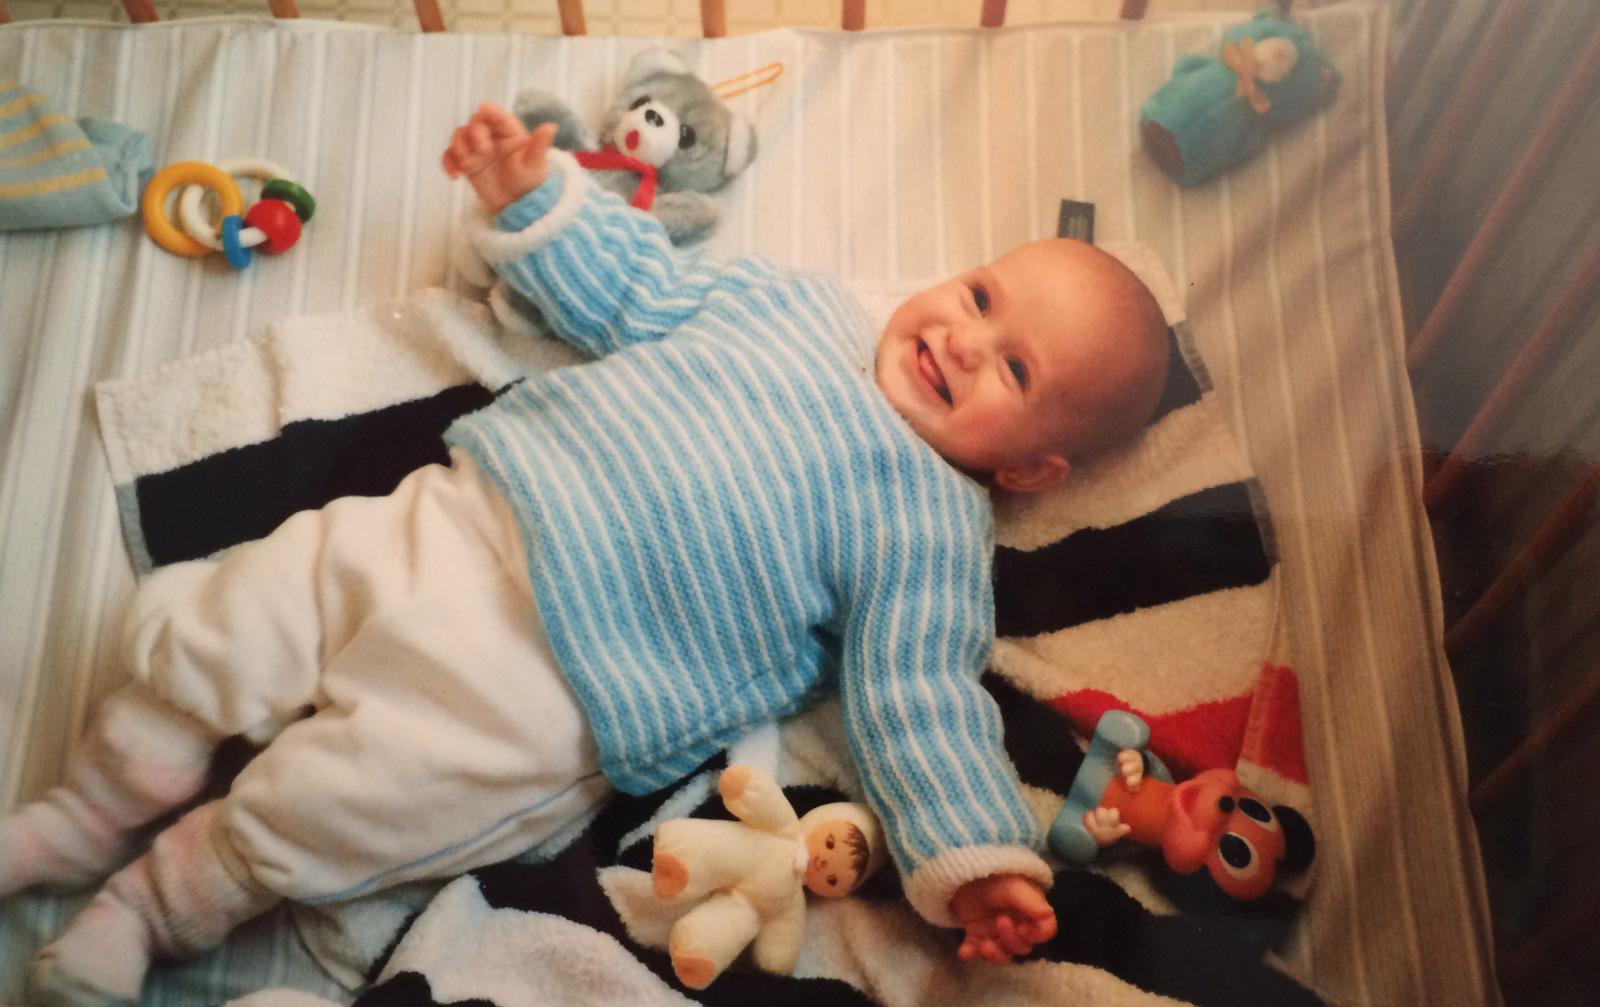 thierry-jaspart-child